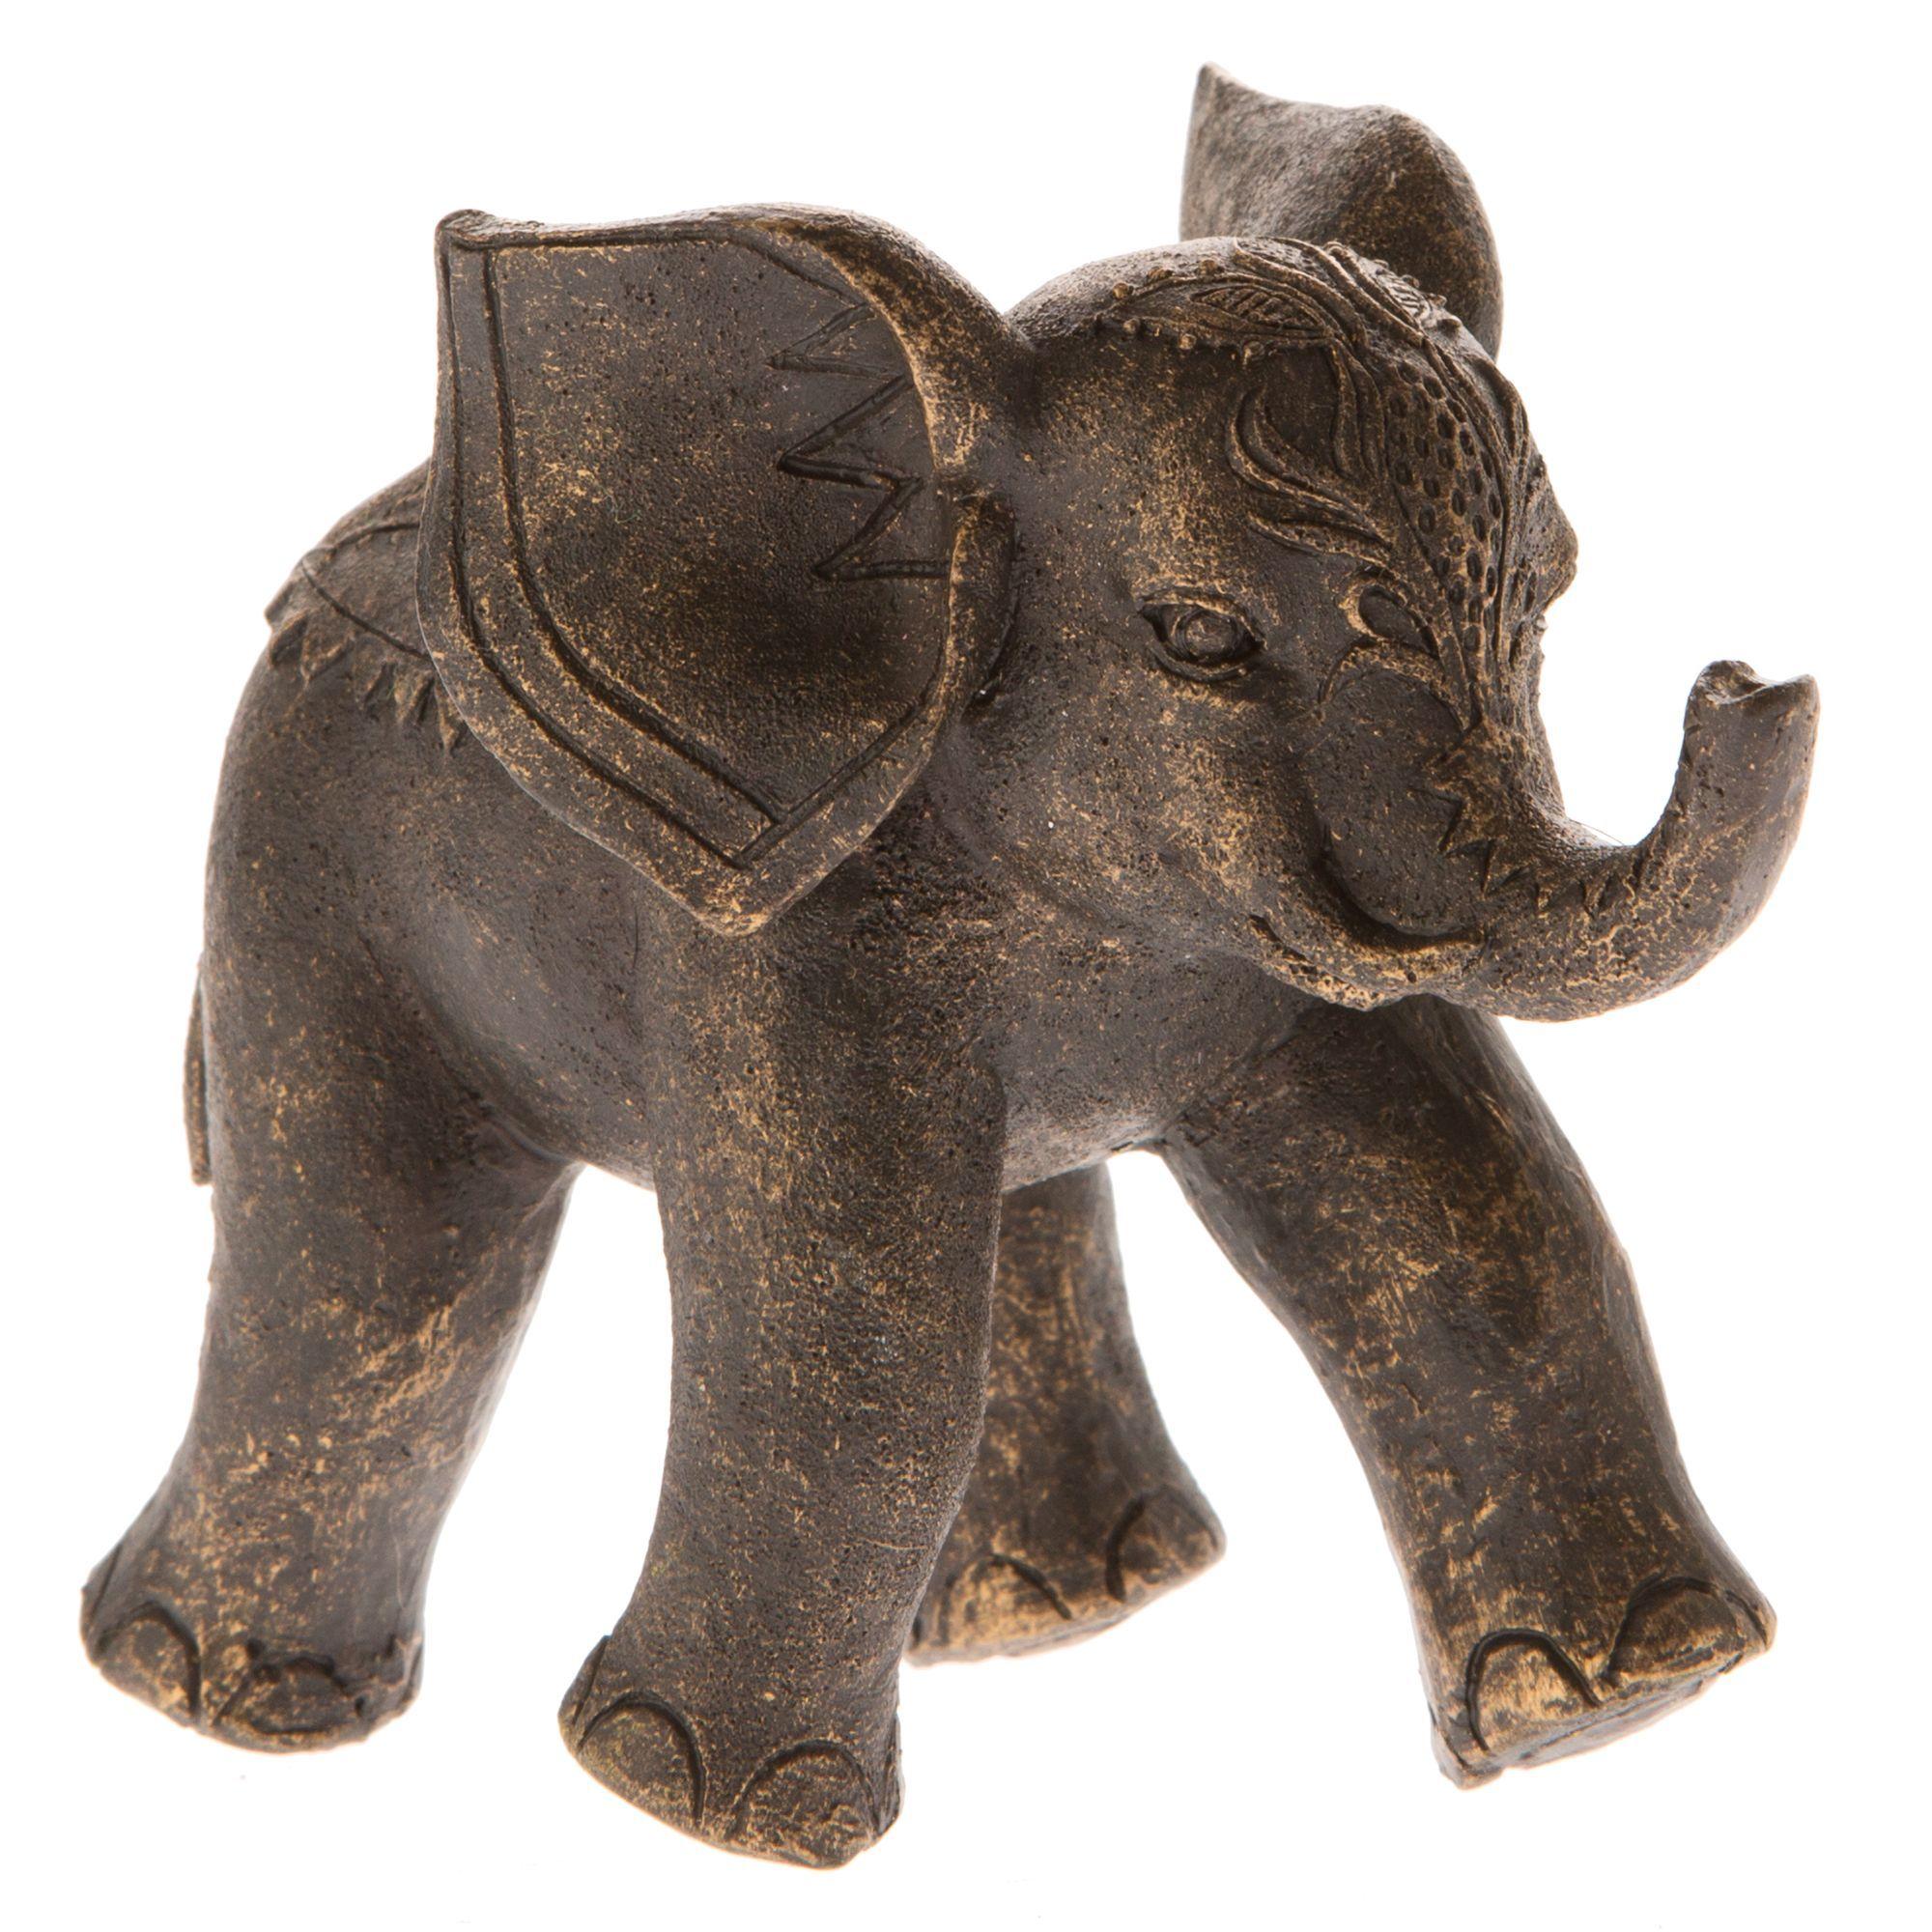 Top Fin Elephant Aquarium Ornament In 2020 Aquarium Ornaments Fish Tank Themes Fish Tank Accessories